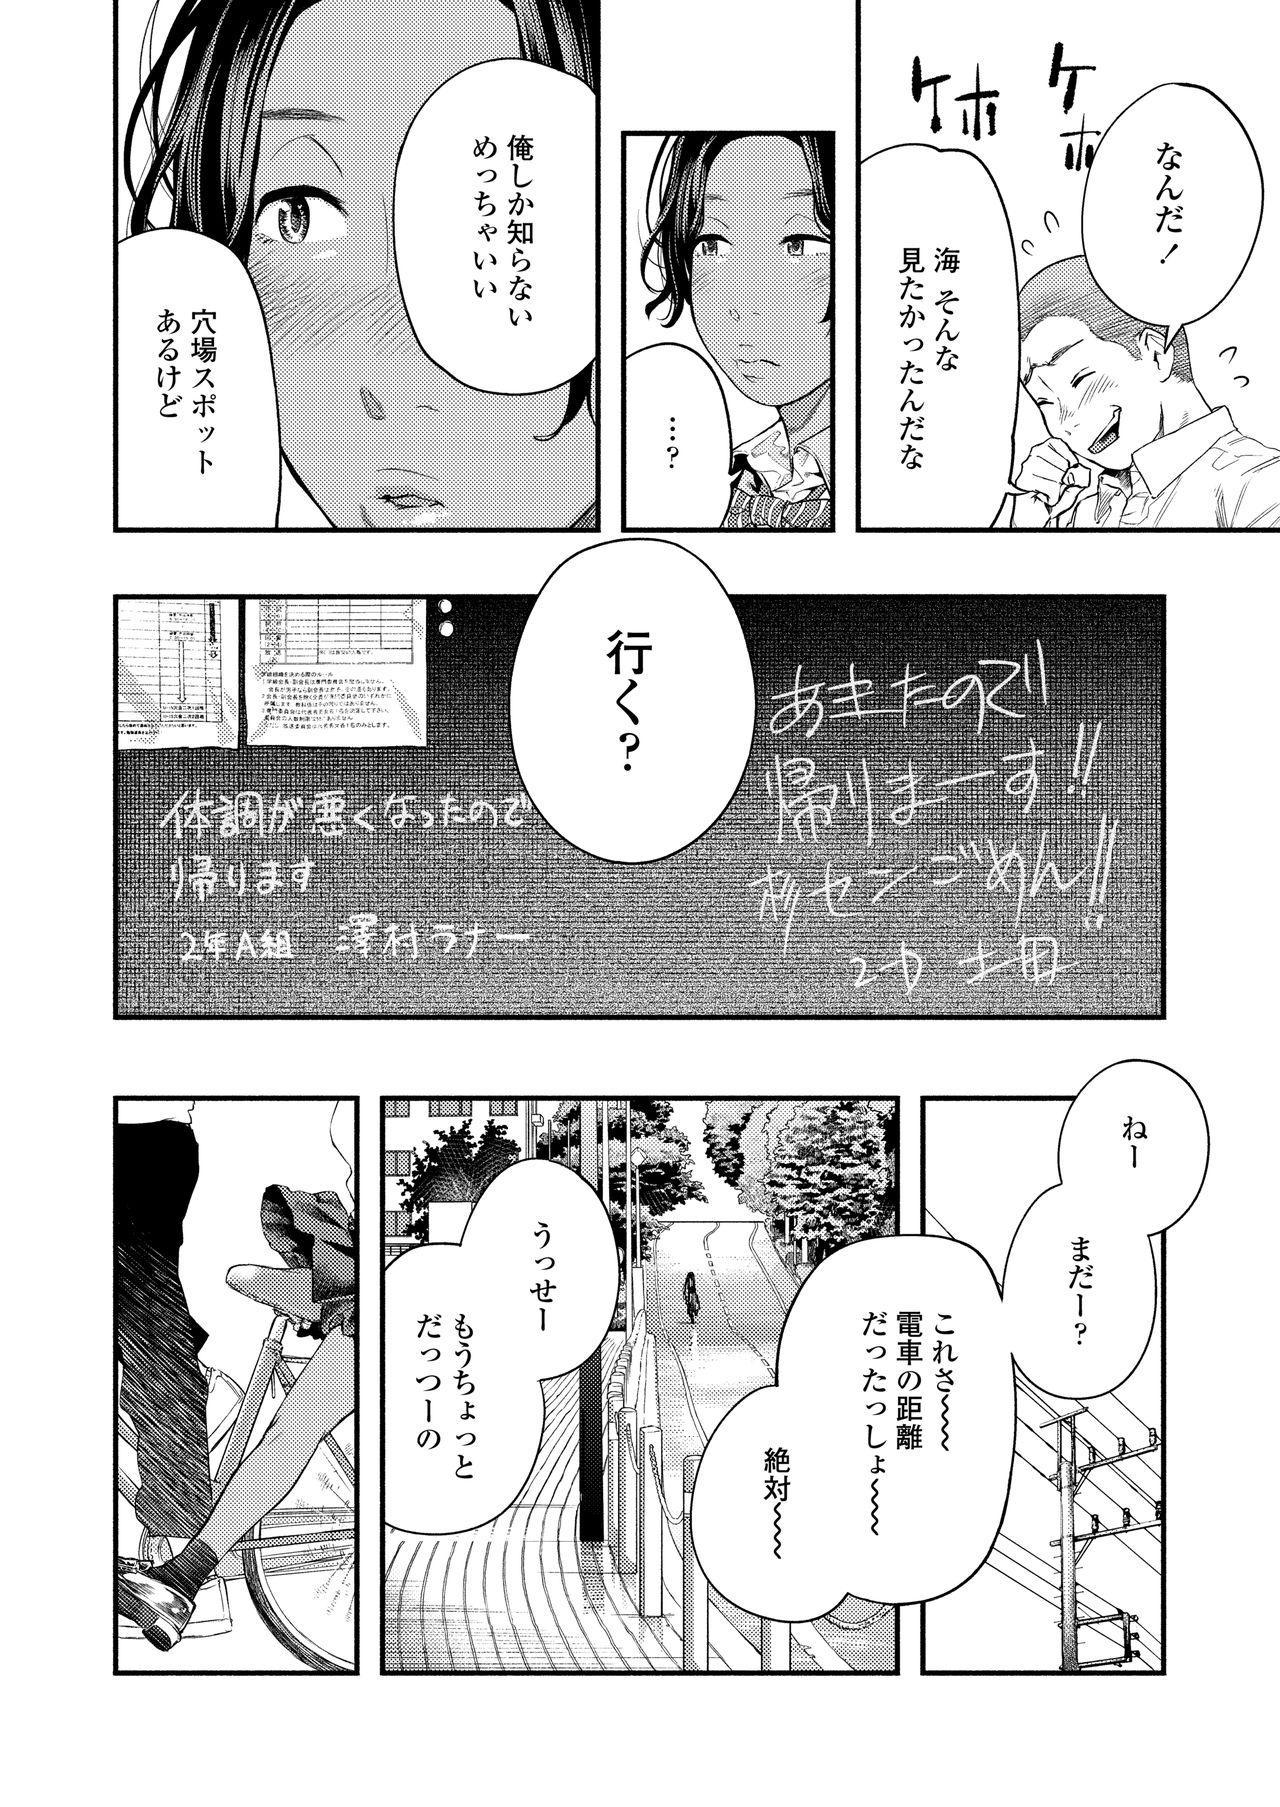 COMIC AOHA 2020 Natsu 75